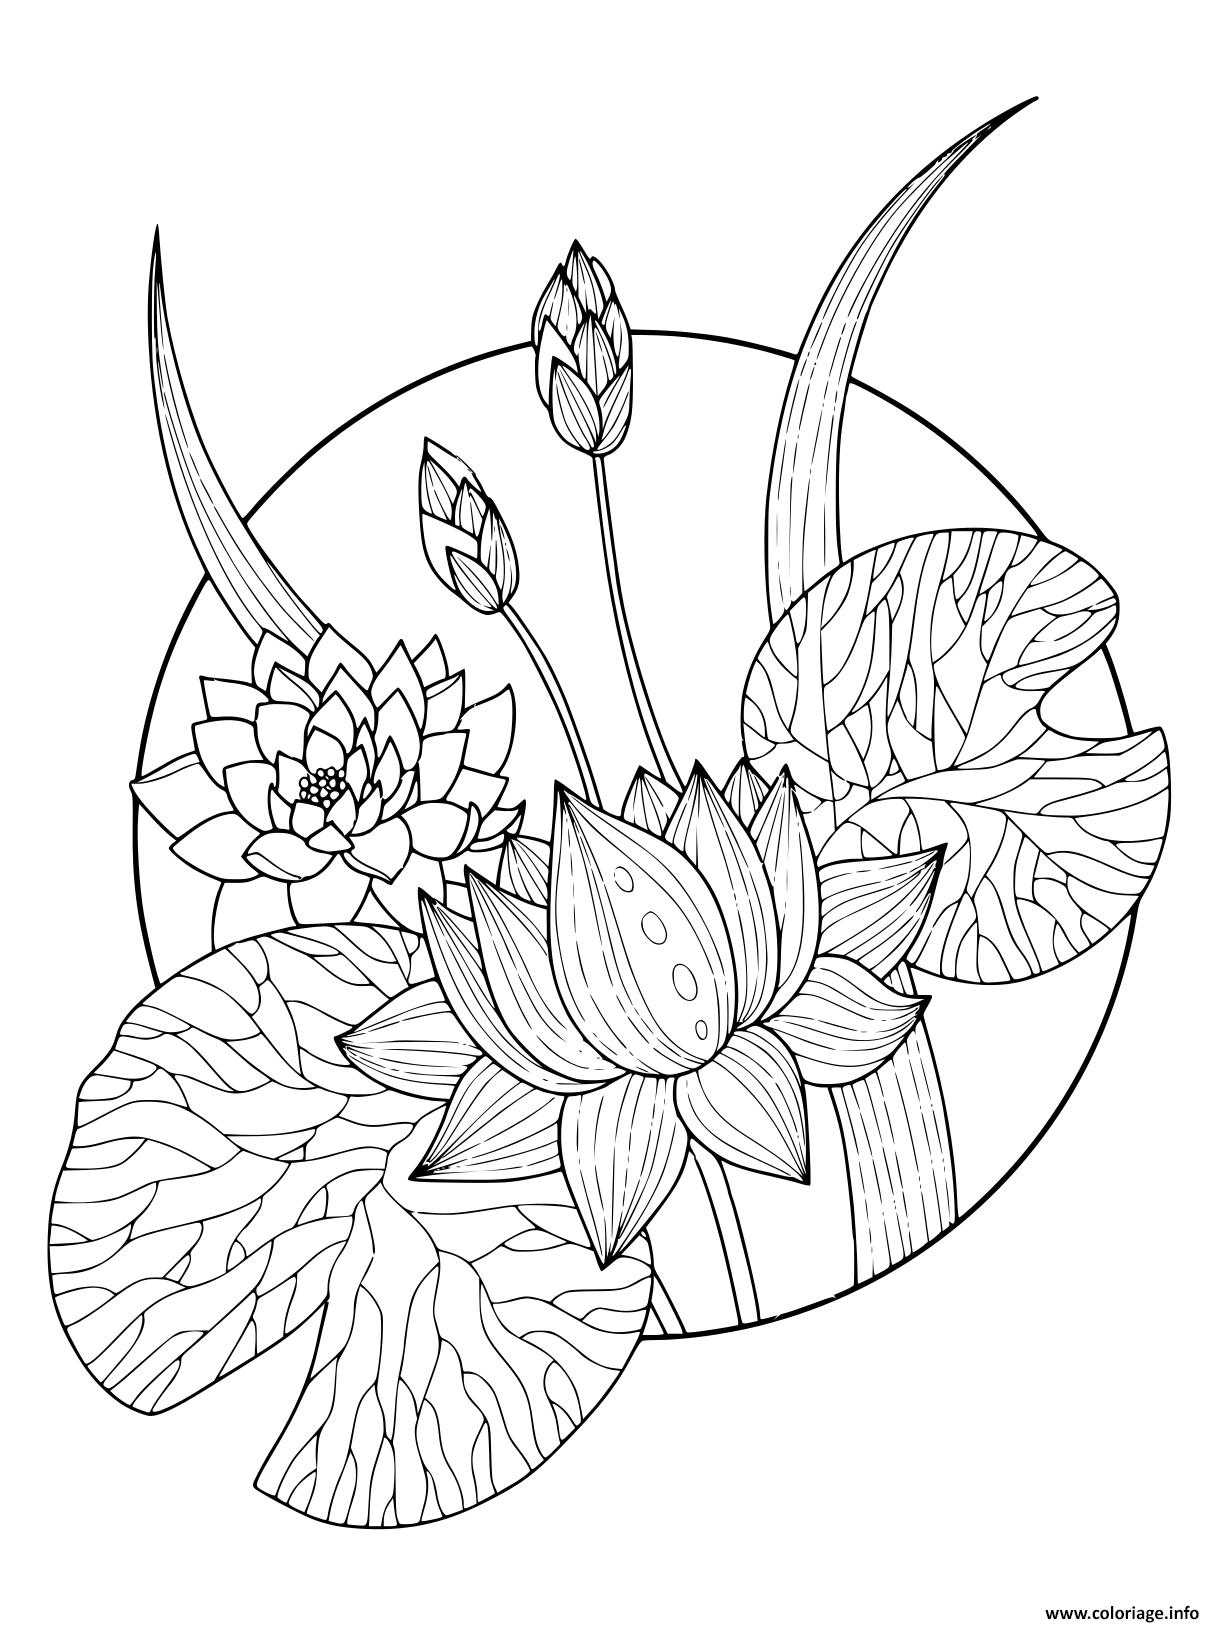 Coloriage Magnifique Fleurs Lotus Jecolorie Com